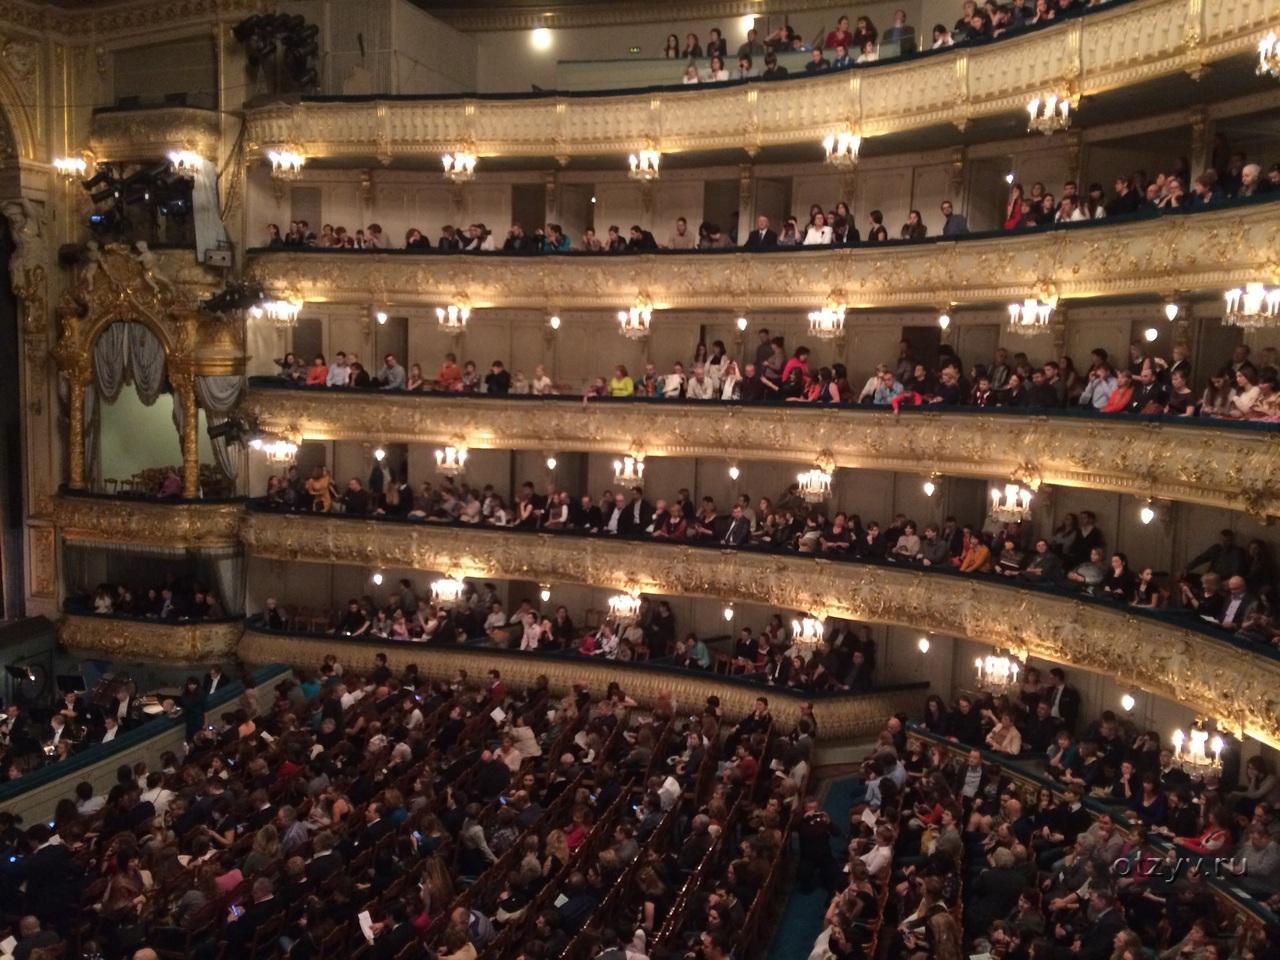 Почему в санкт петербурге нет хороших концертов